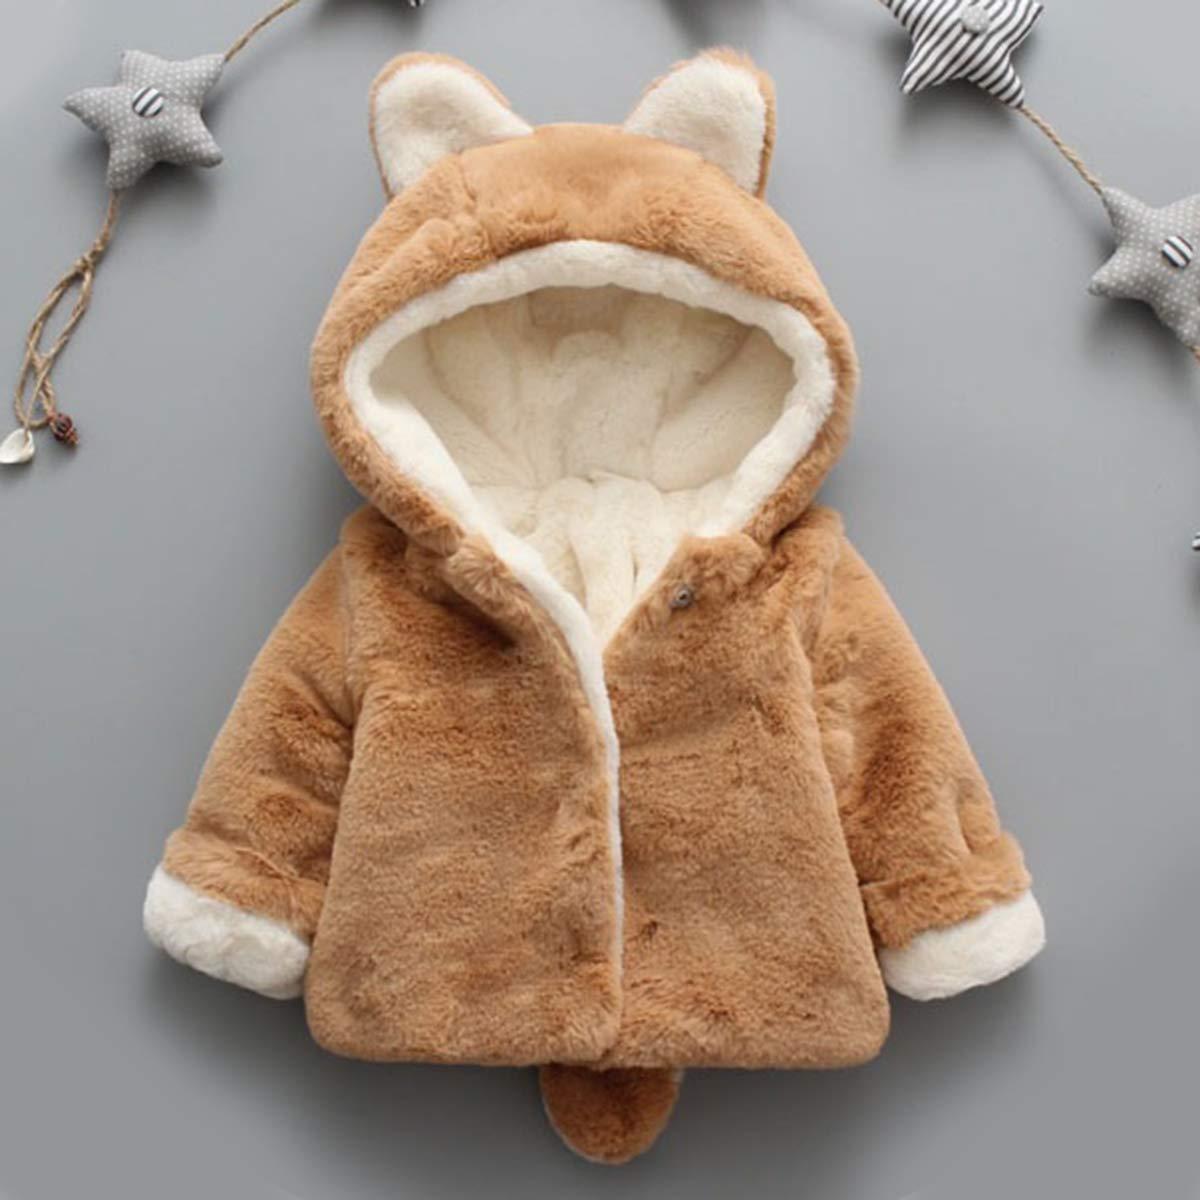 greatmtx Manteau dhiver de b/éb/é Fille Manteau Veste /épaisse Chaude et Douce,Cute Ear Hooded Snowsuit Outwear